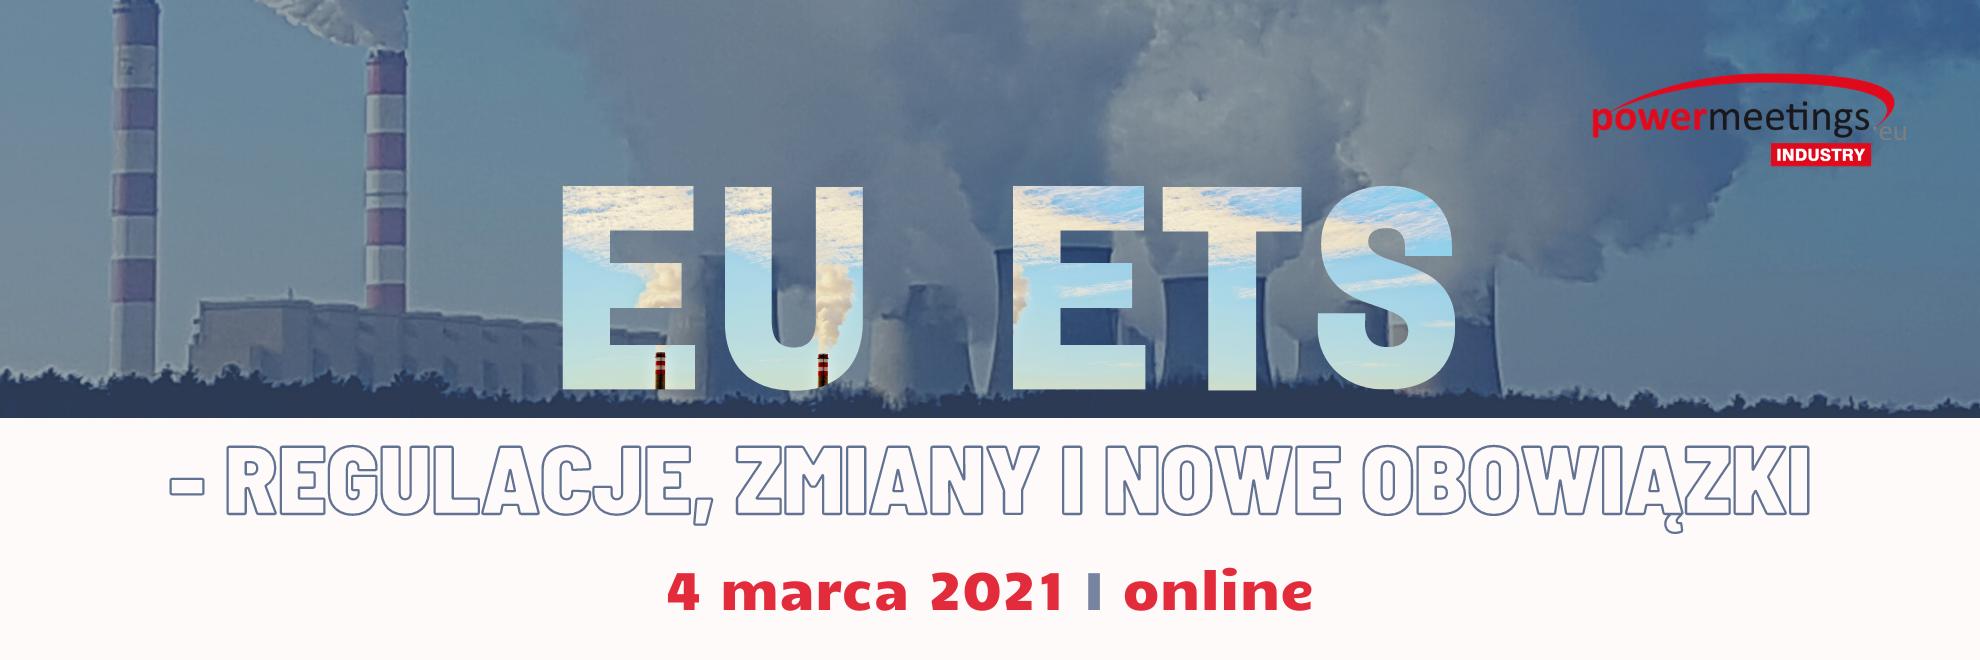 System EU ETS – regulacje, zmiany i nowe obowiązki